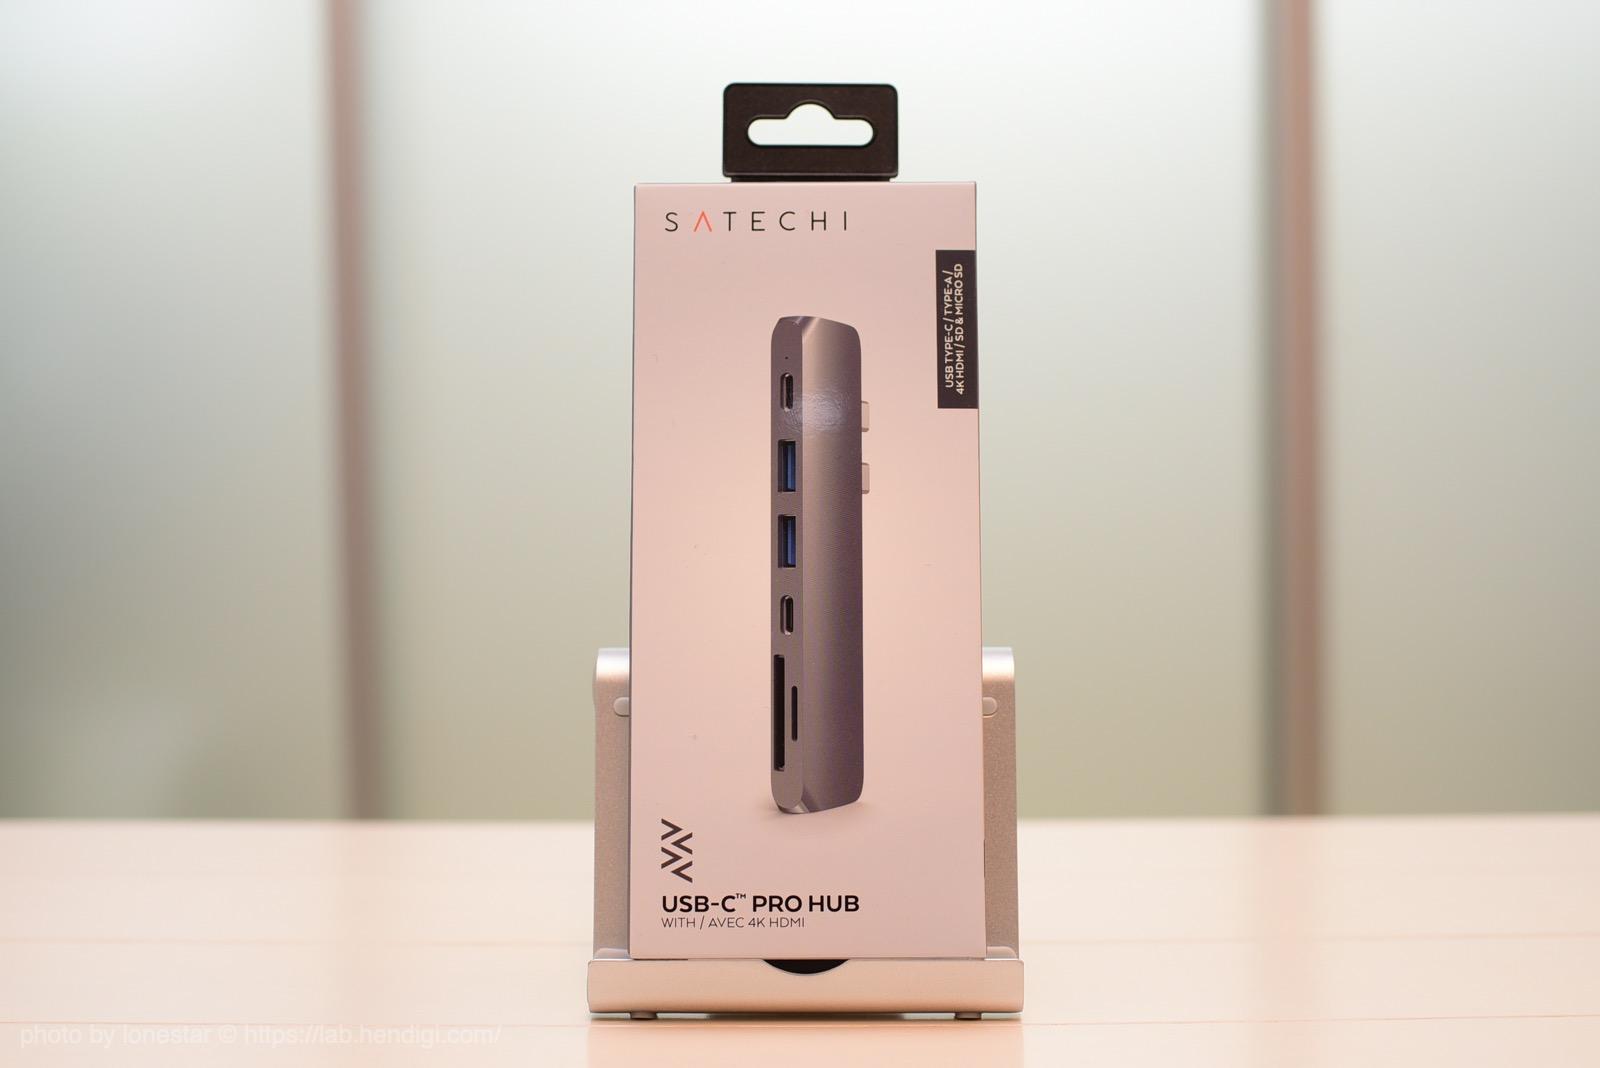 SATECHI USB-C PRO HUB レビュー